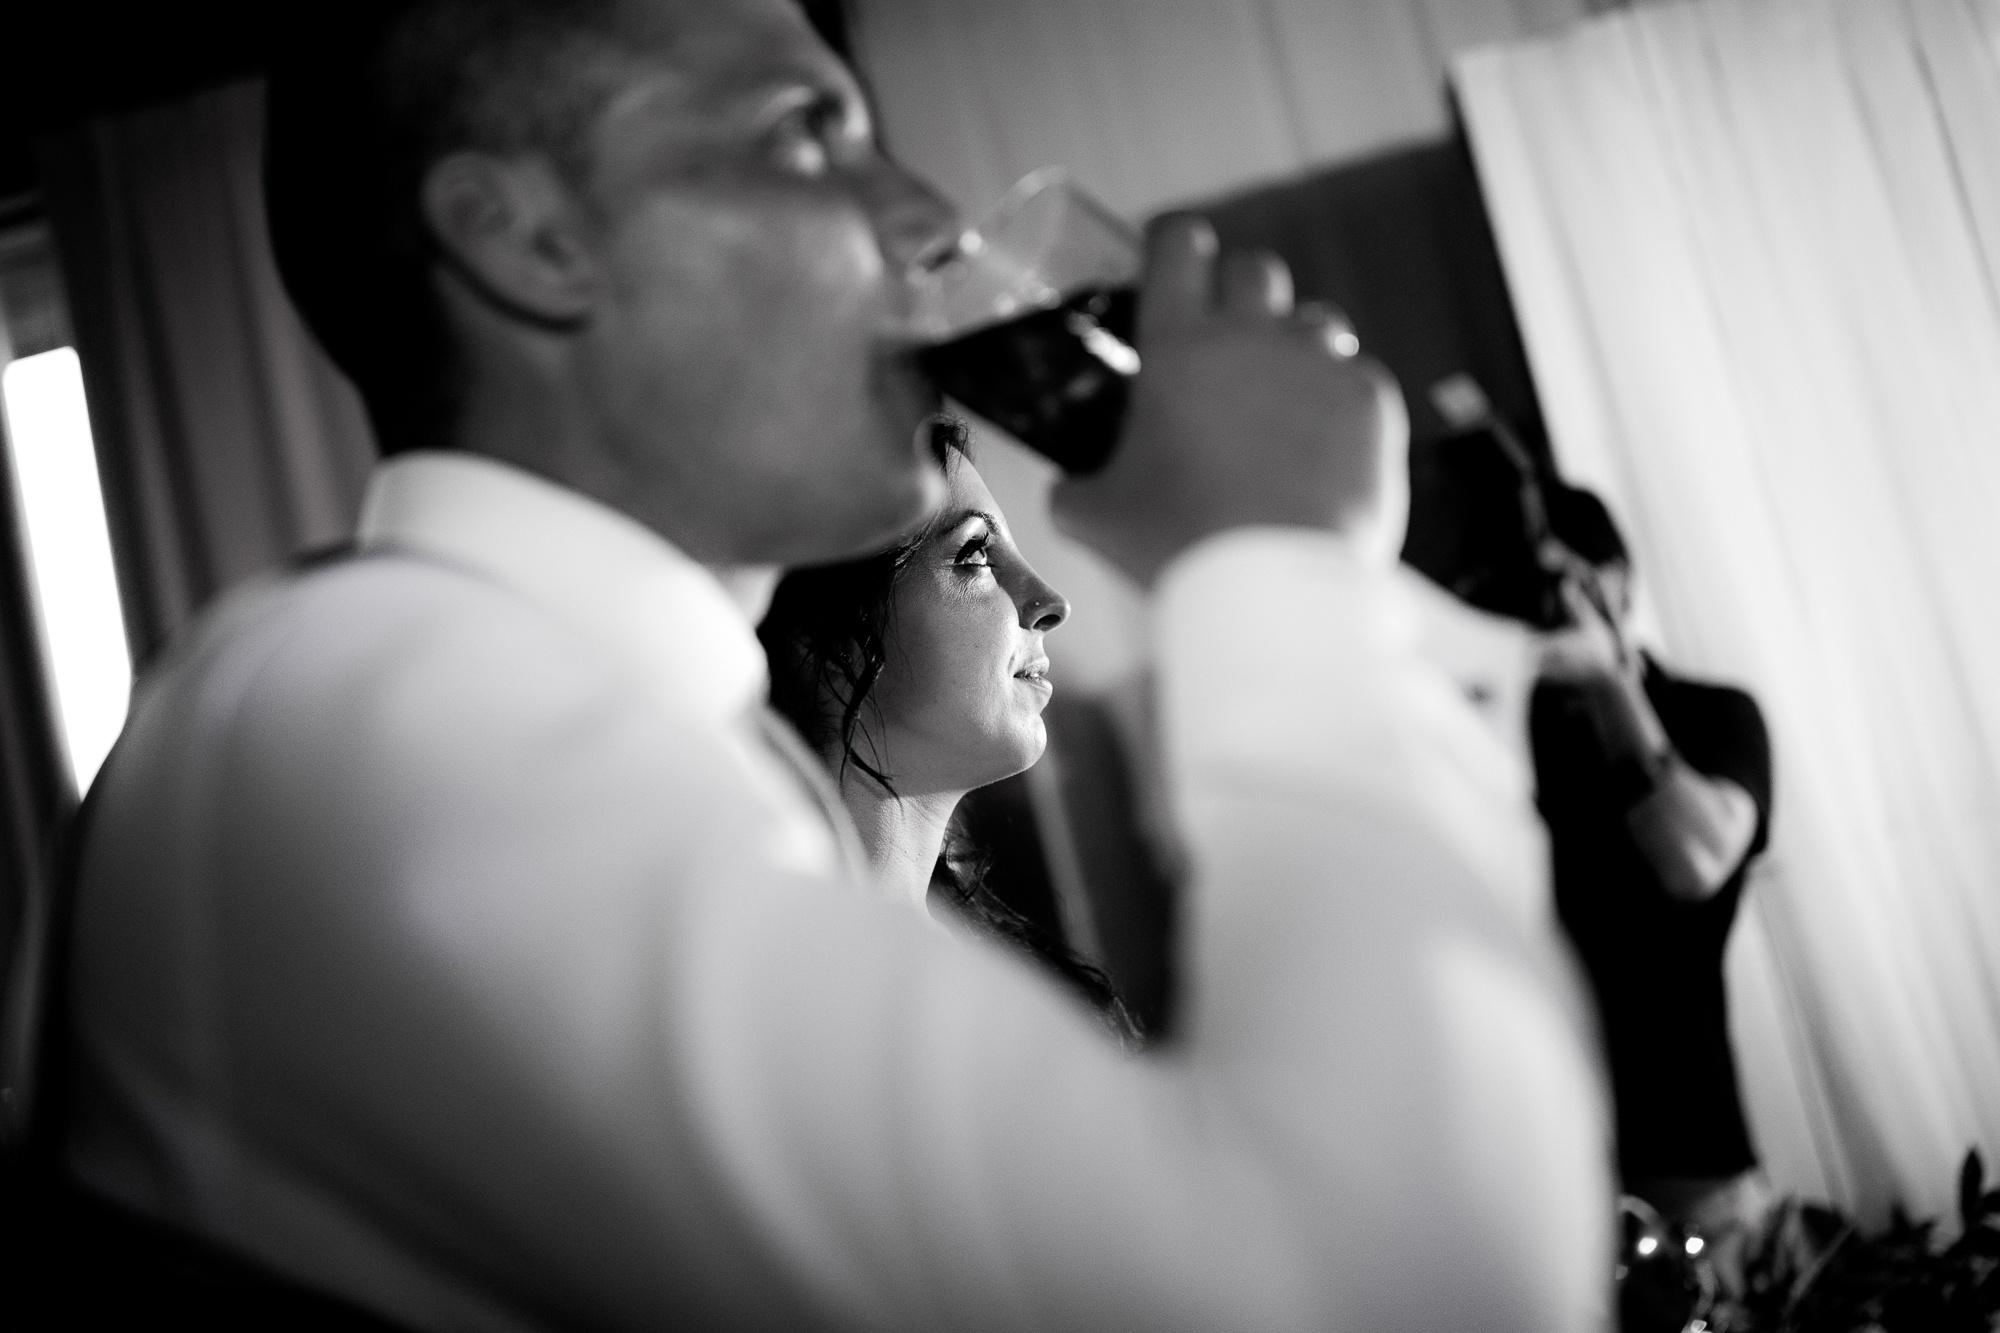 FIESTA. - ARGAZKI MAHATU, Photography & films.